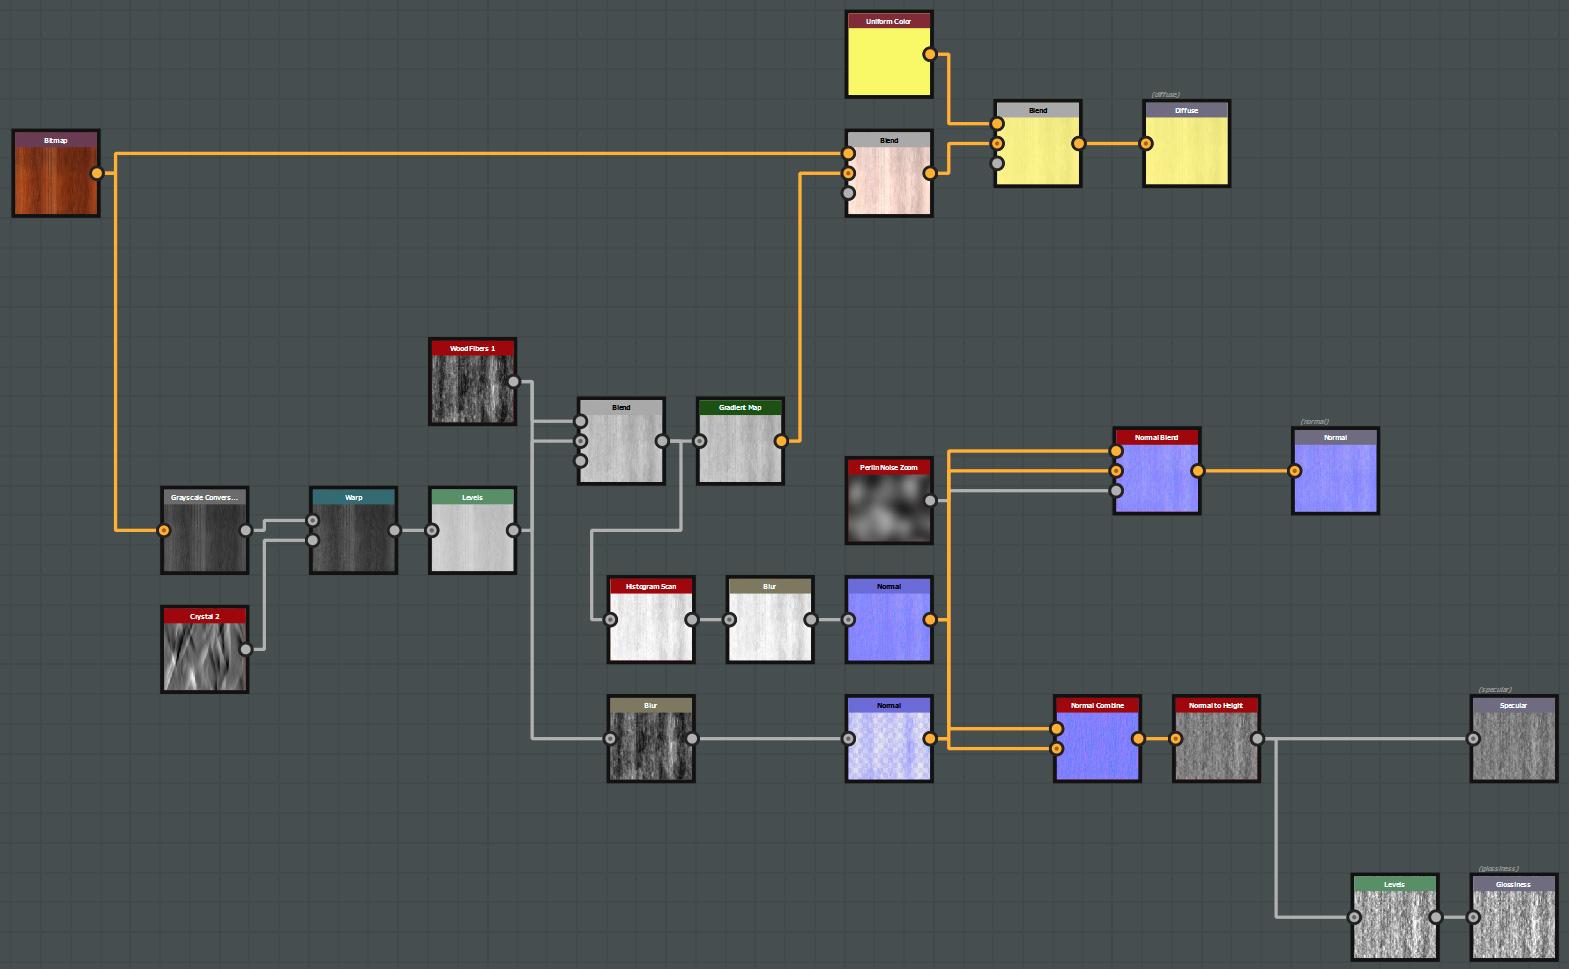 Diagramma-Materiale-Legno.jpg